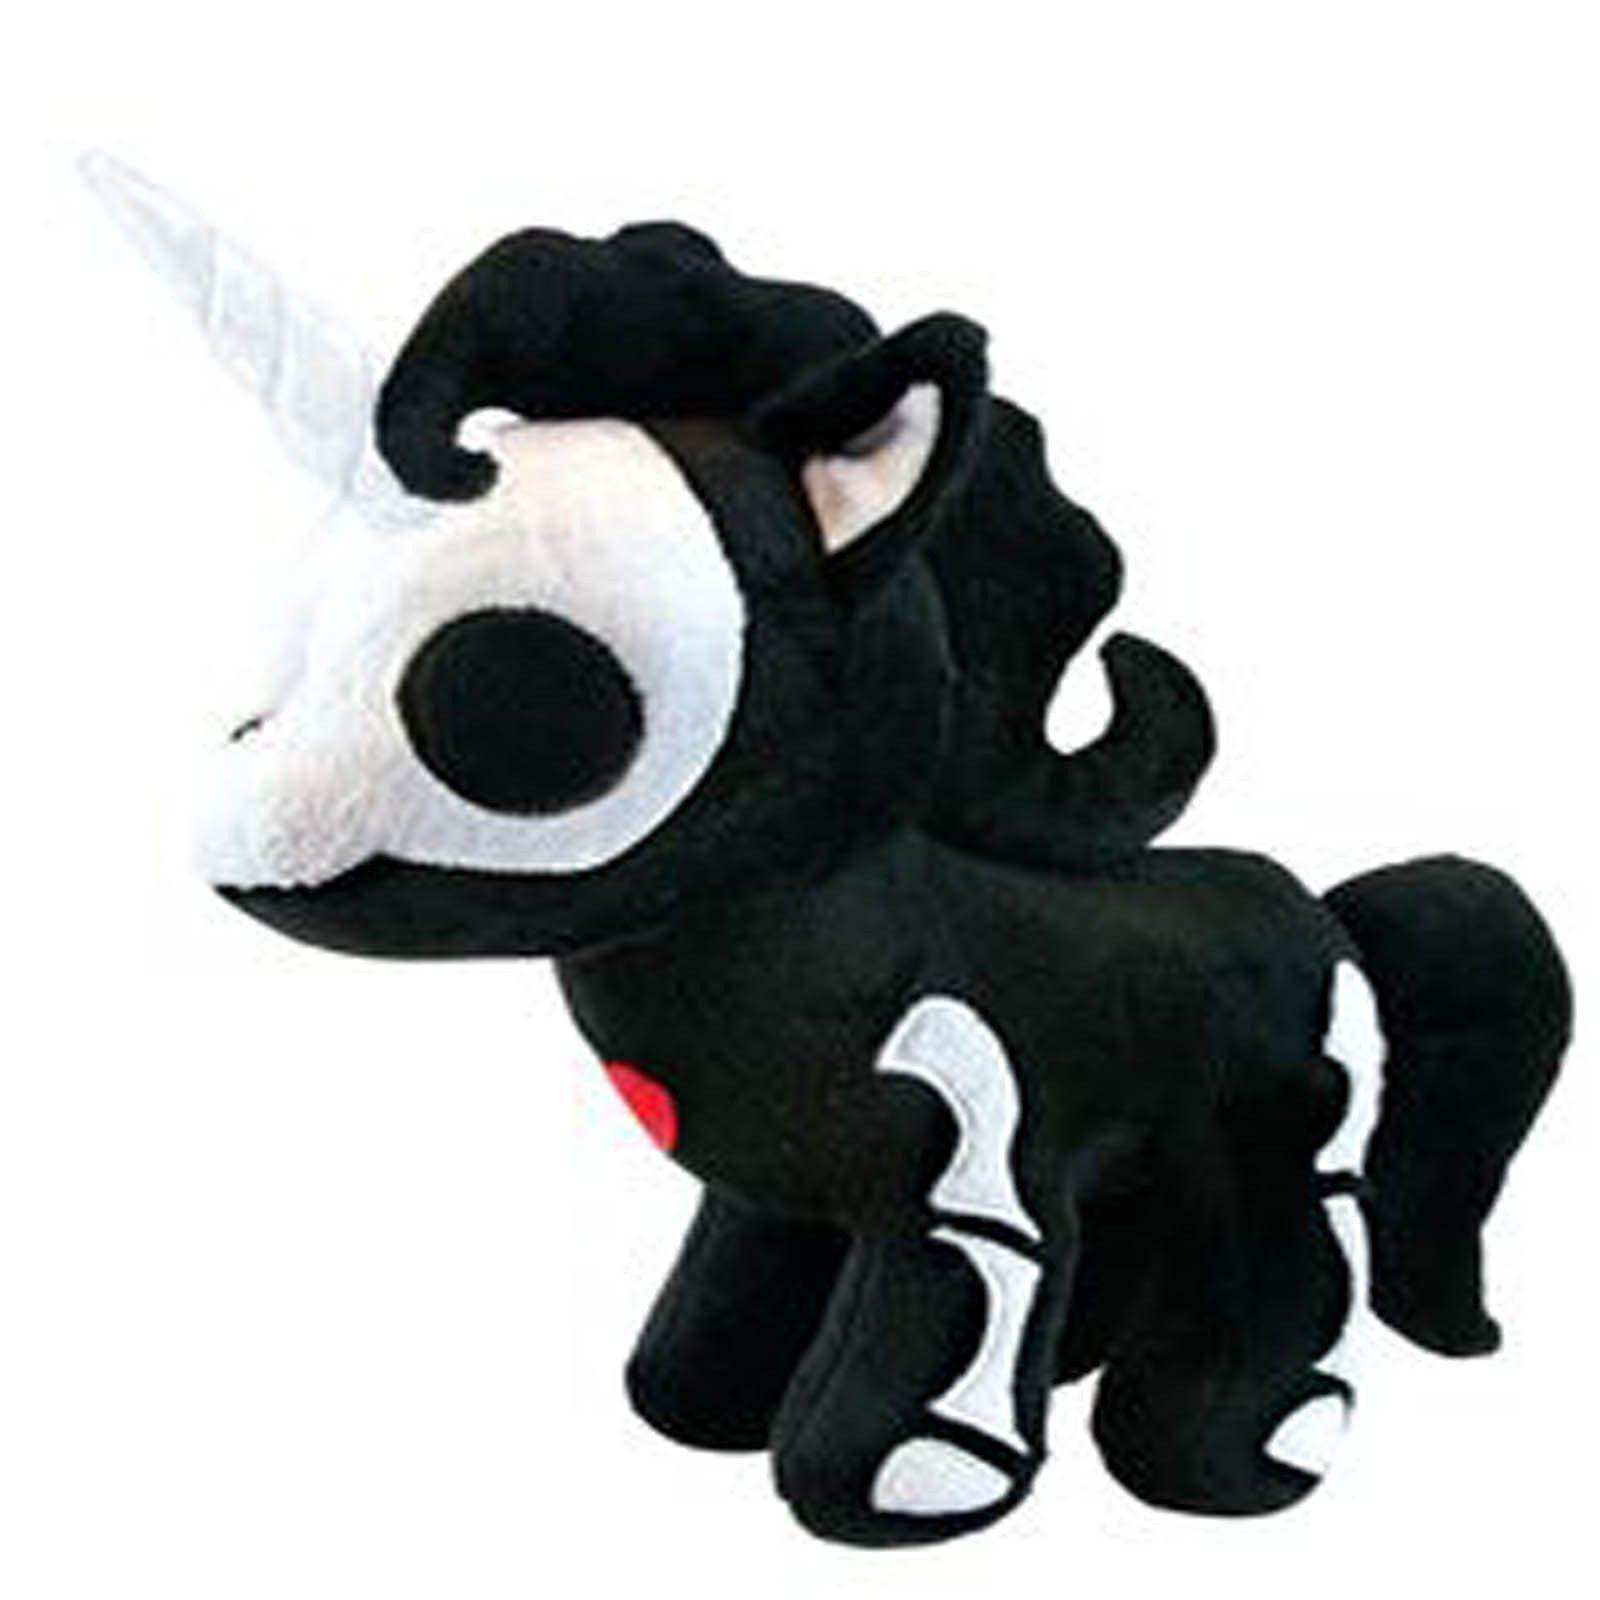 Skelanimals Bonita Unicorn 8 Inch Plush Figure - Radar Toys   Plush ...